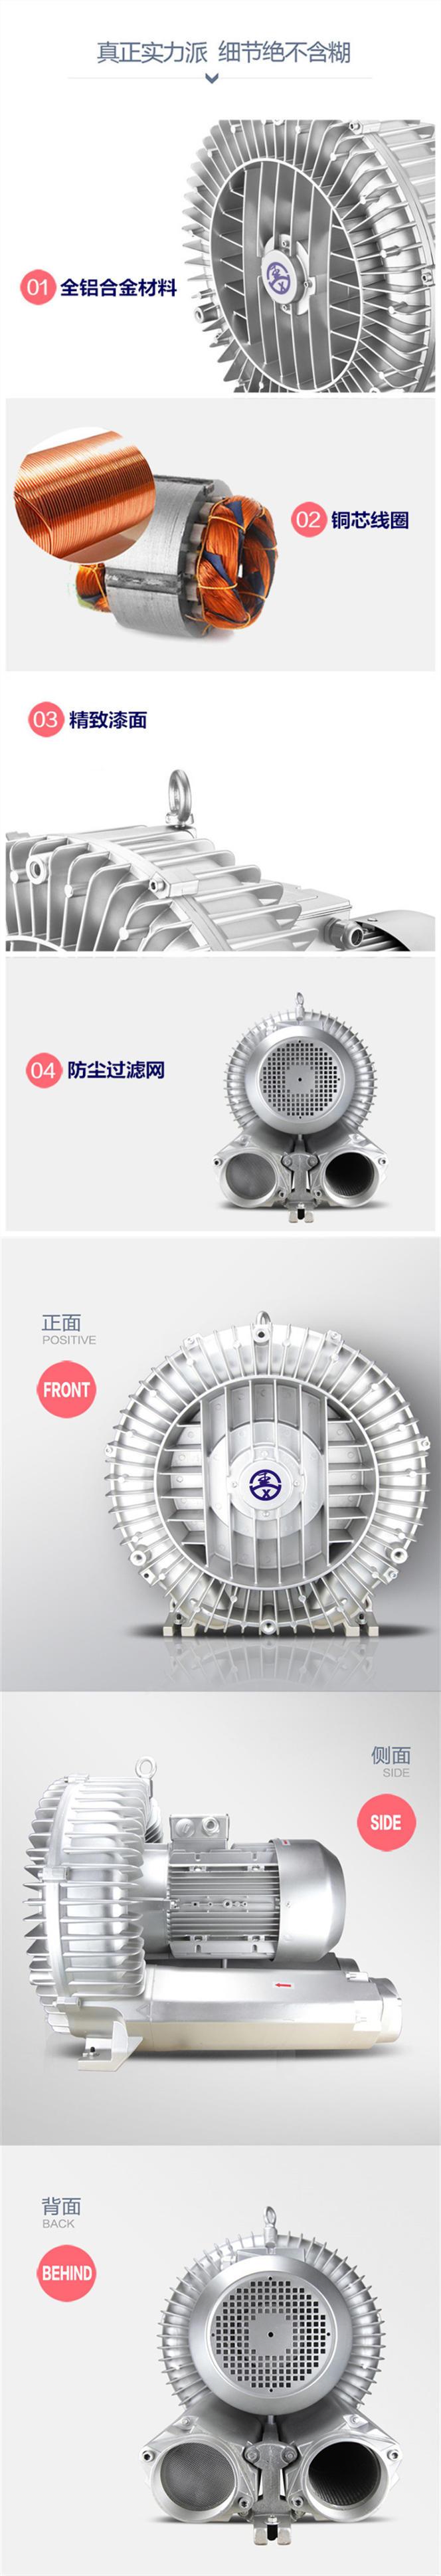 全风高压风机380v高压旋涡风机工业吸尘增氧气泵示例图6